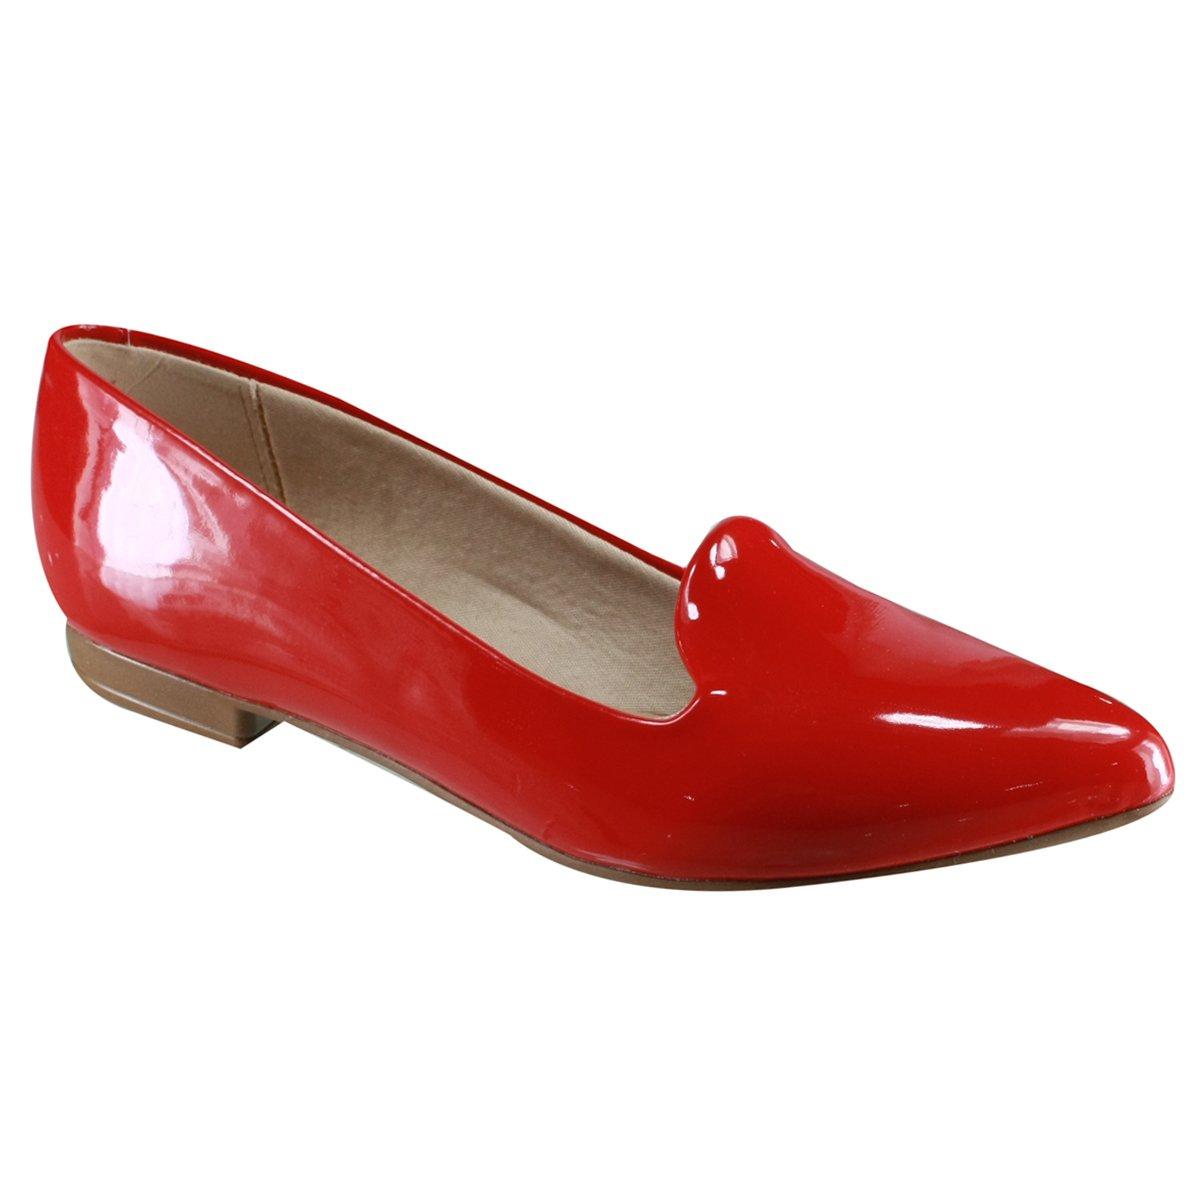 6cf7501e4 Sapato Feminino Beira Rio Conforto 4136.125 13488 46175 Vermelho (Verniz  Premium)